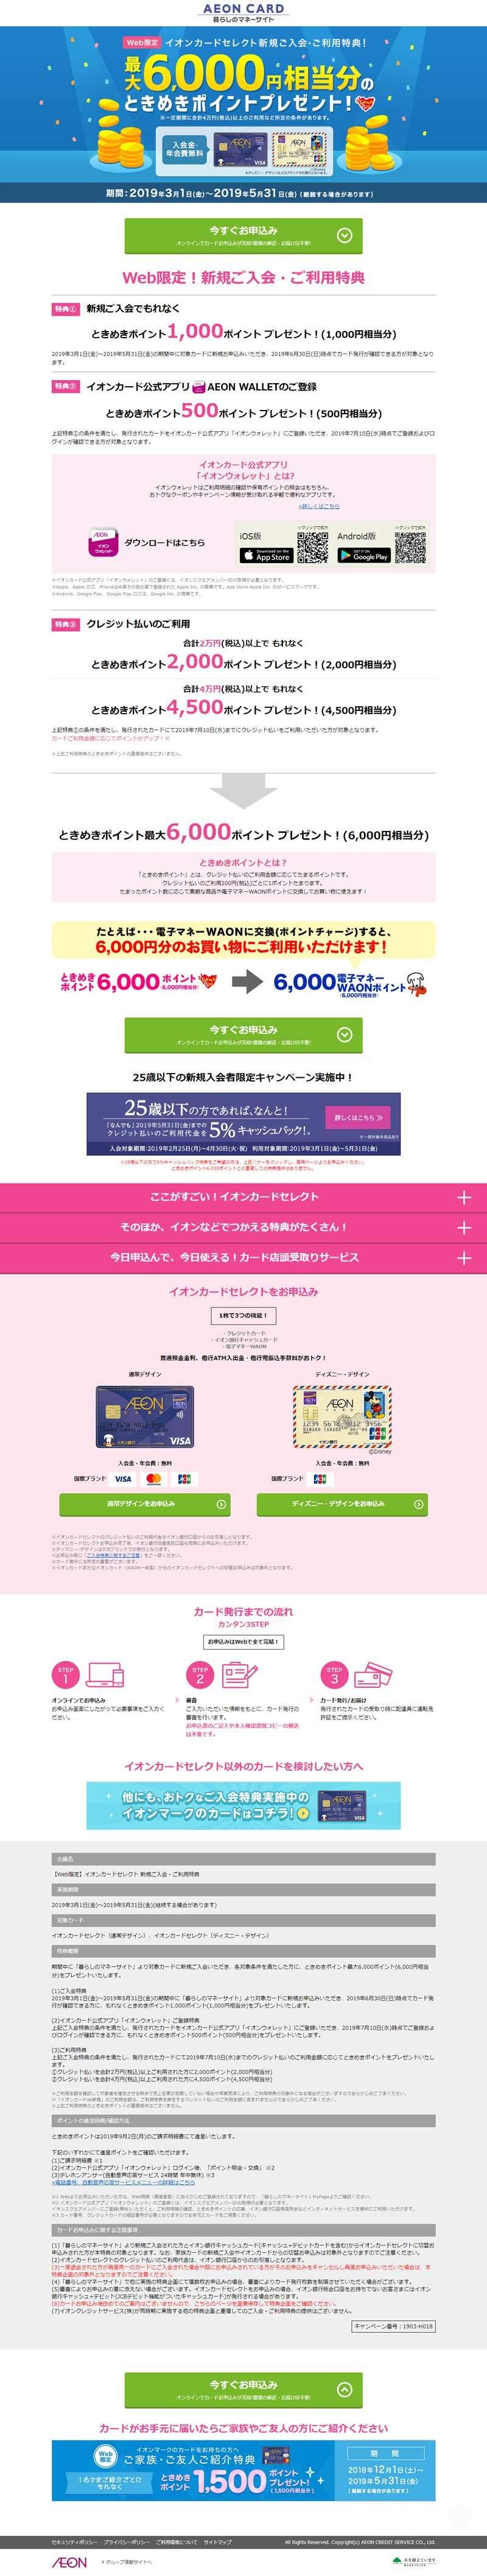 イオンカード セレクト、2019年3月1日(金)~2019年5月31日(金)までの新規入会申込みキャンペーンページのキャプチャー画像